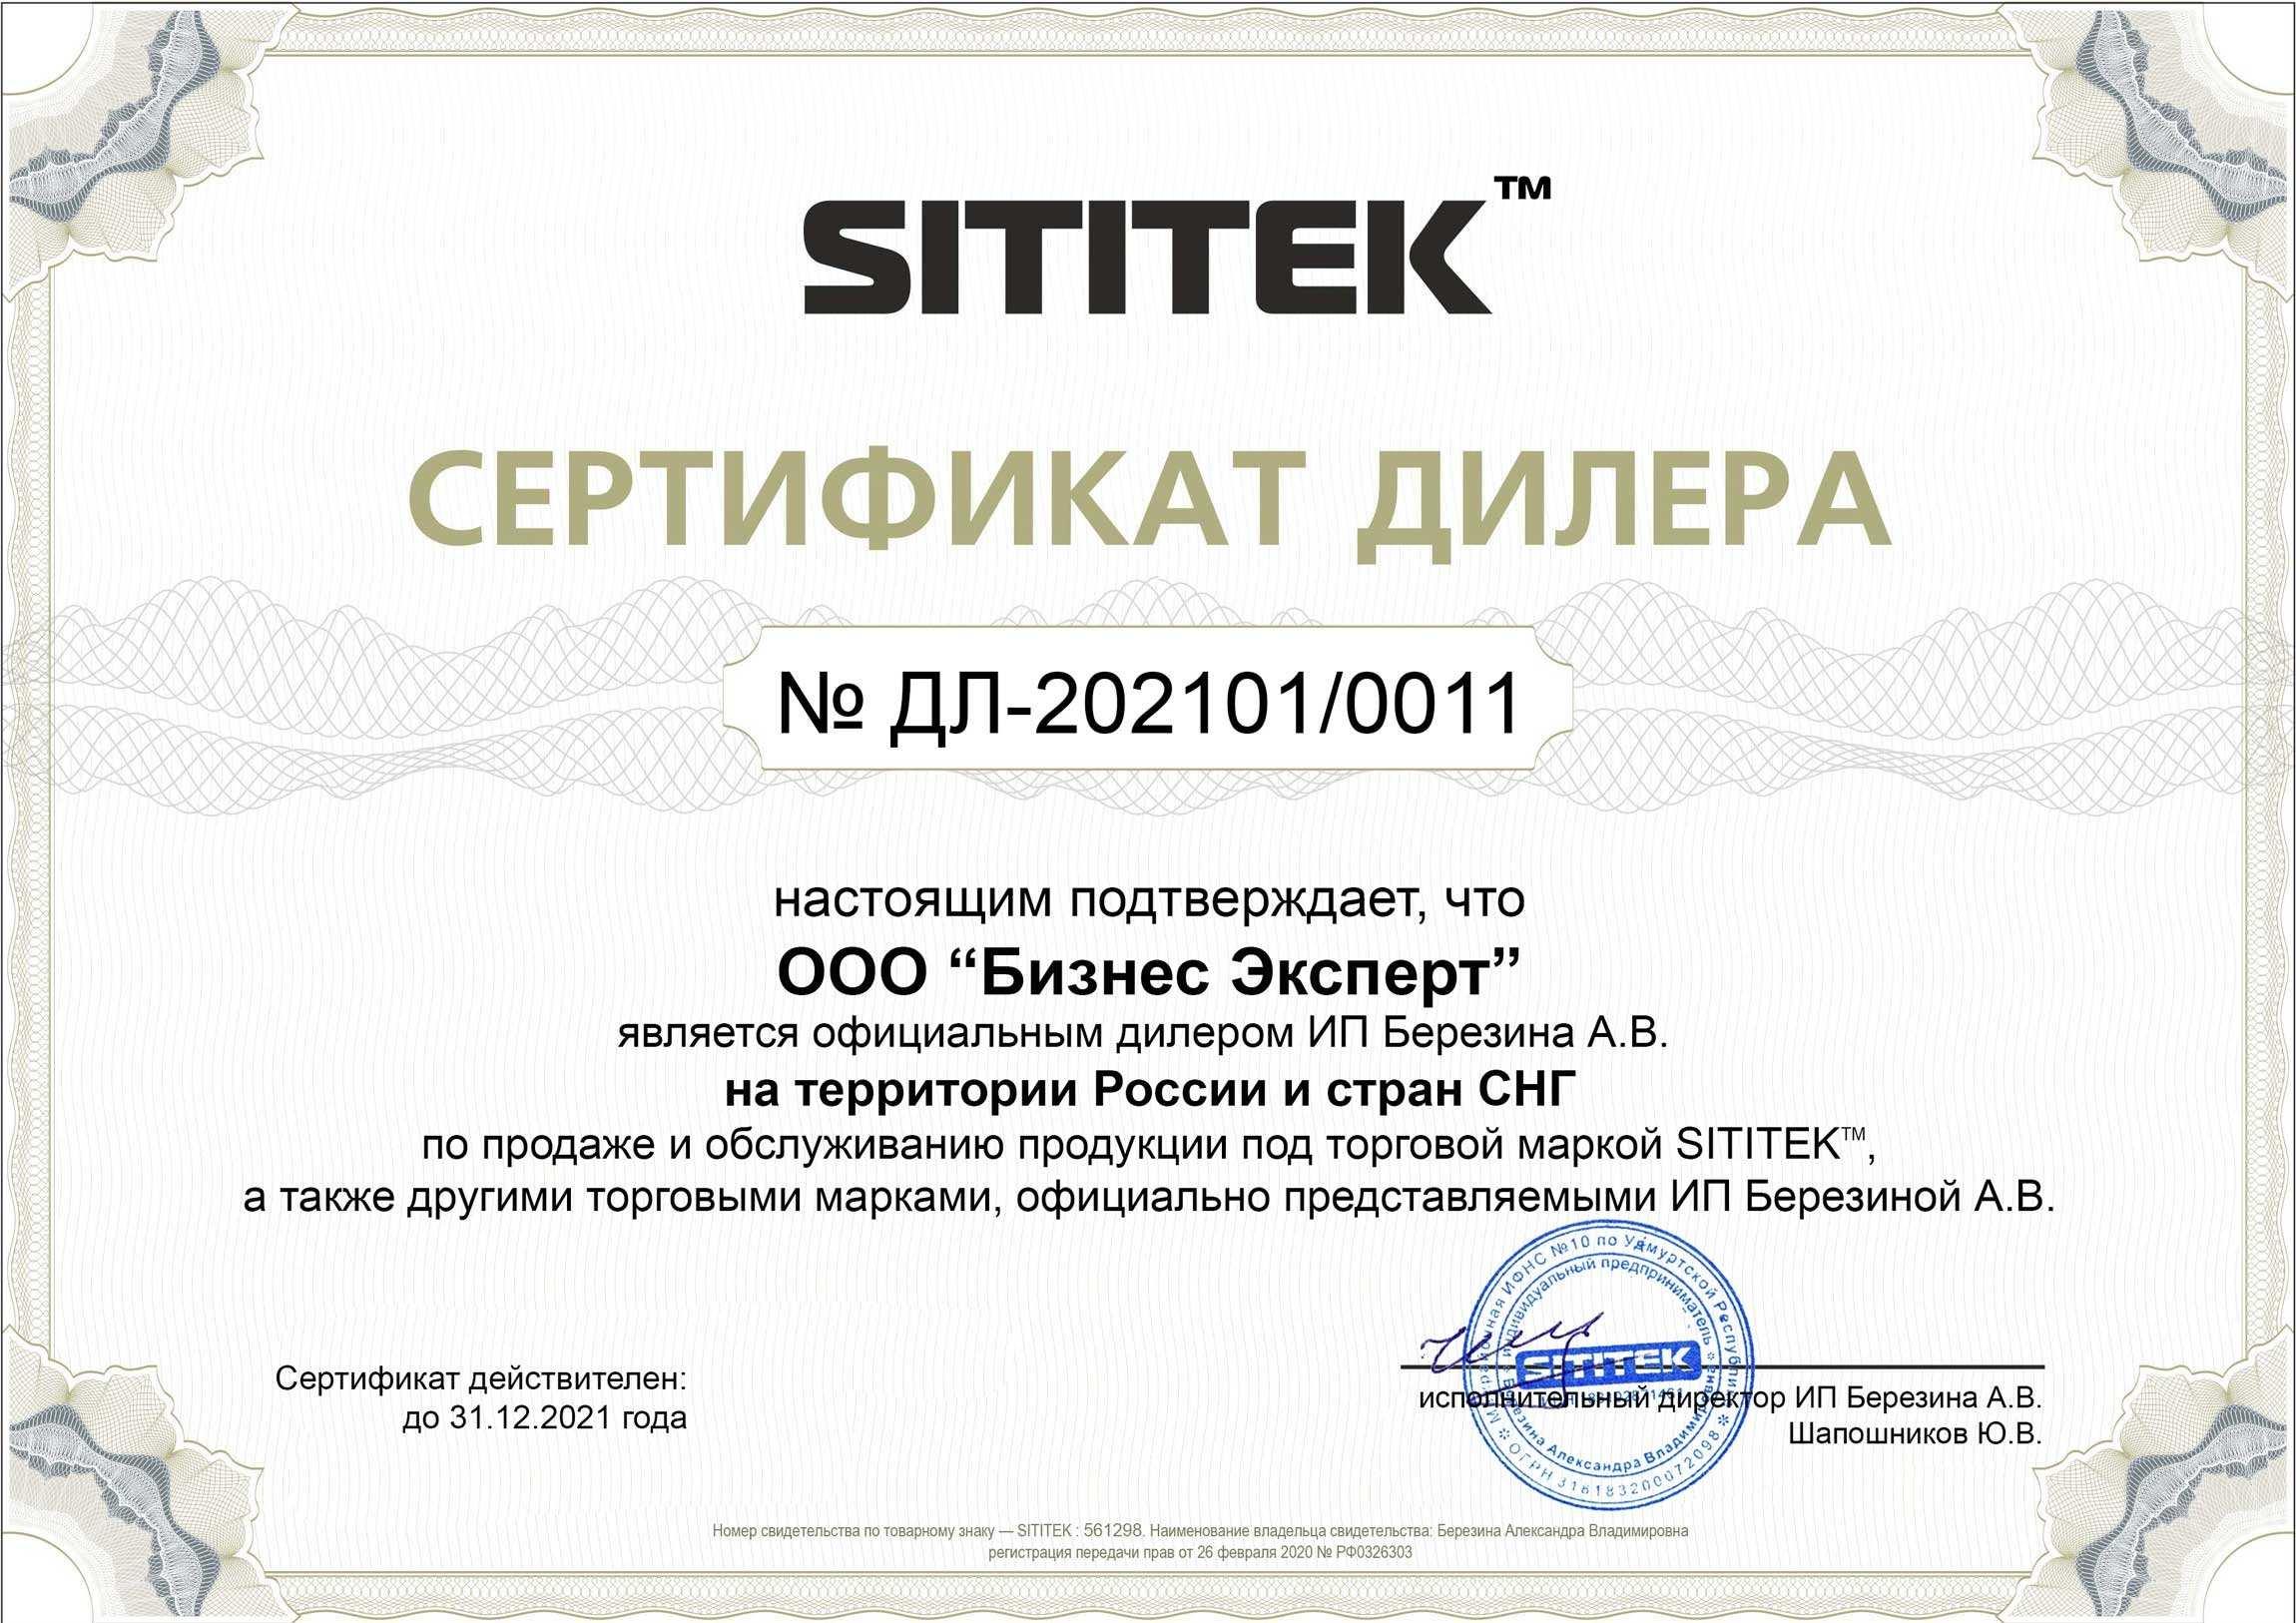 Наш магазин является официальным дилером продукции марки SITITEK и имеет соответствующий сертификат (нажмите для увеличения)